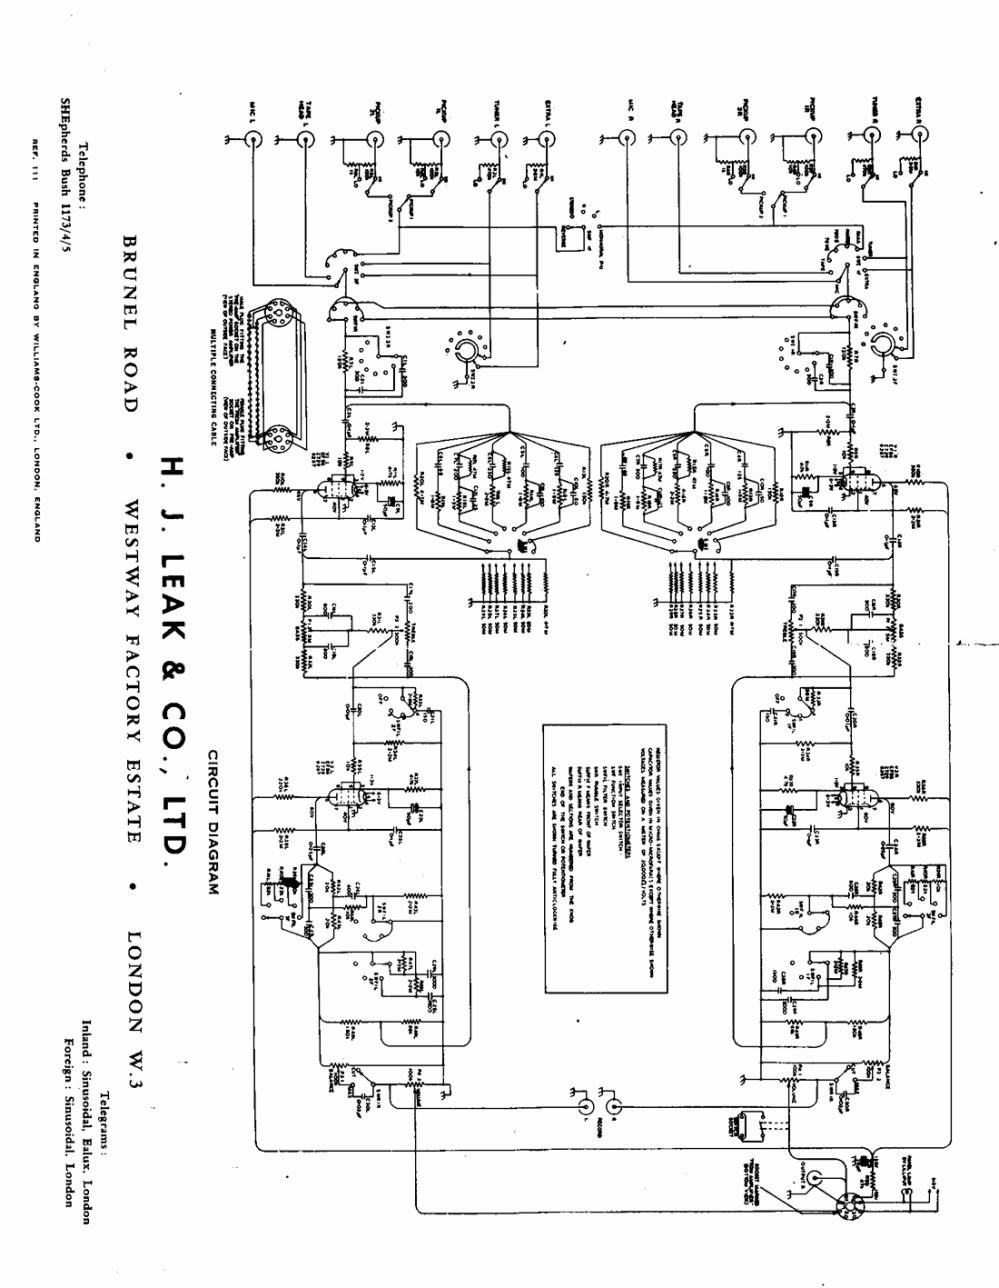 medium resolution of nissan titan rockford fosgate wiring diagram nissan titan rockford fosgate wiring diagram full size wiring